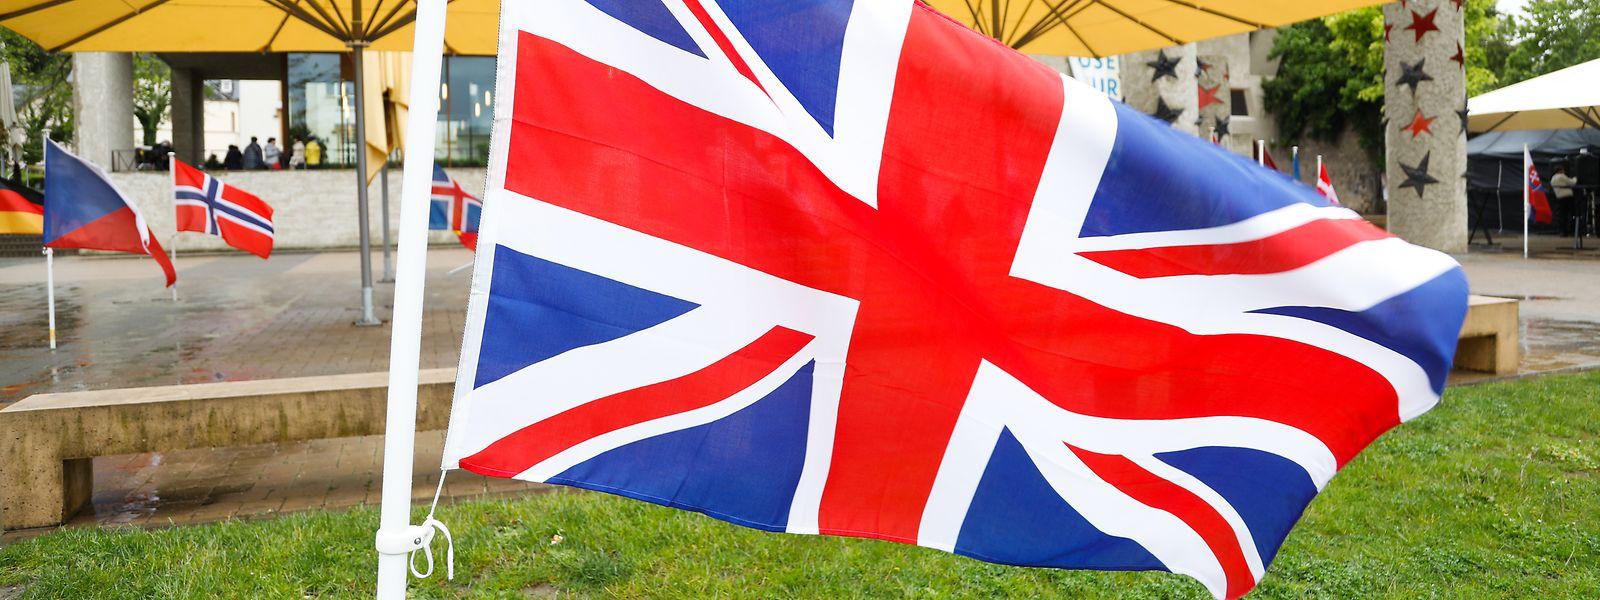 Die britische Flagge vor dem Europamuseum in Schengen: Am Samstag scheidet mit dem Vereinigten Königreich erstmals ein Staat aus der Europäischen Union aus.